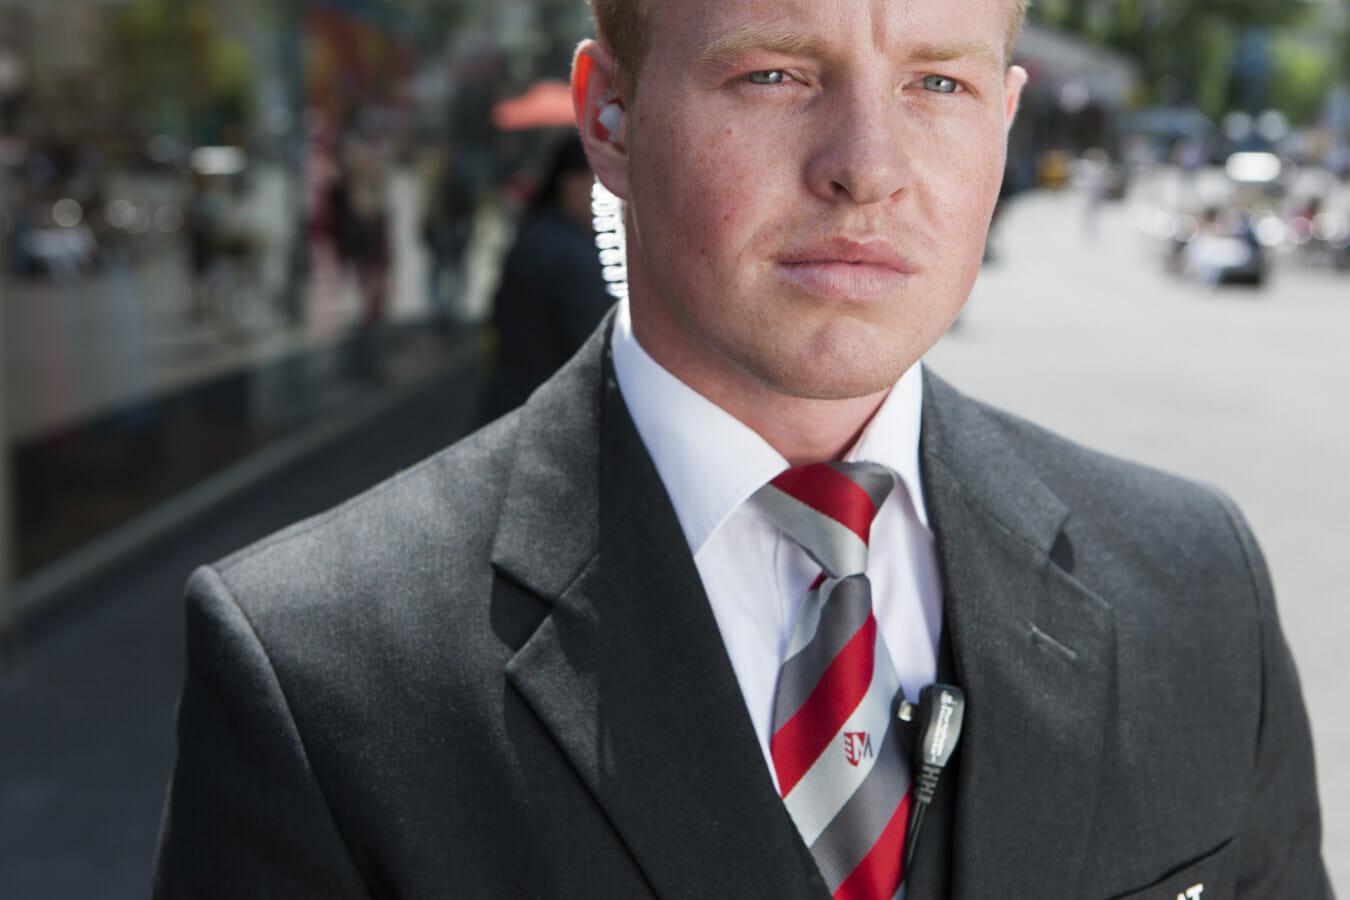 Profil eines Ladendetektivs